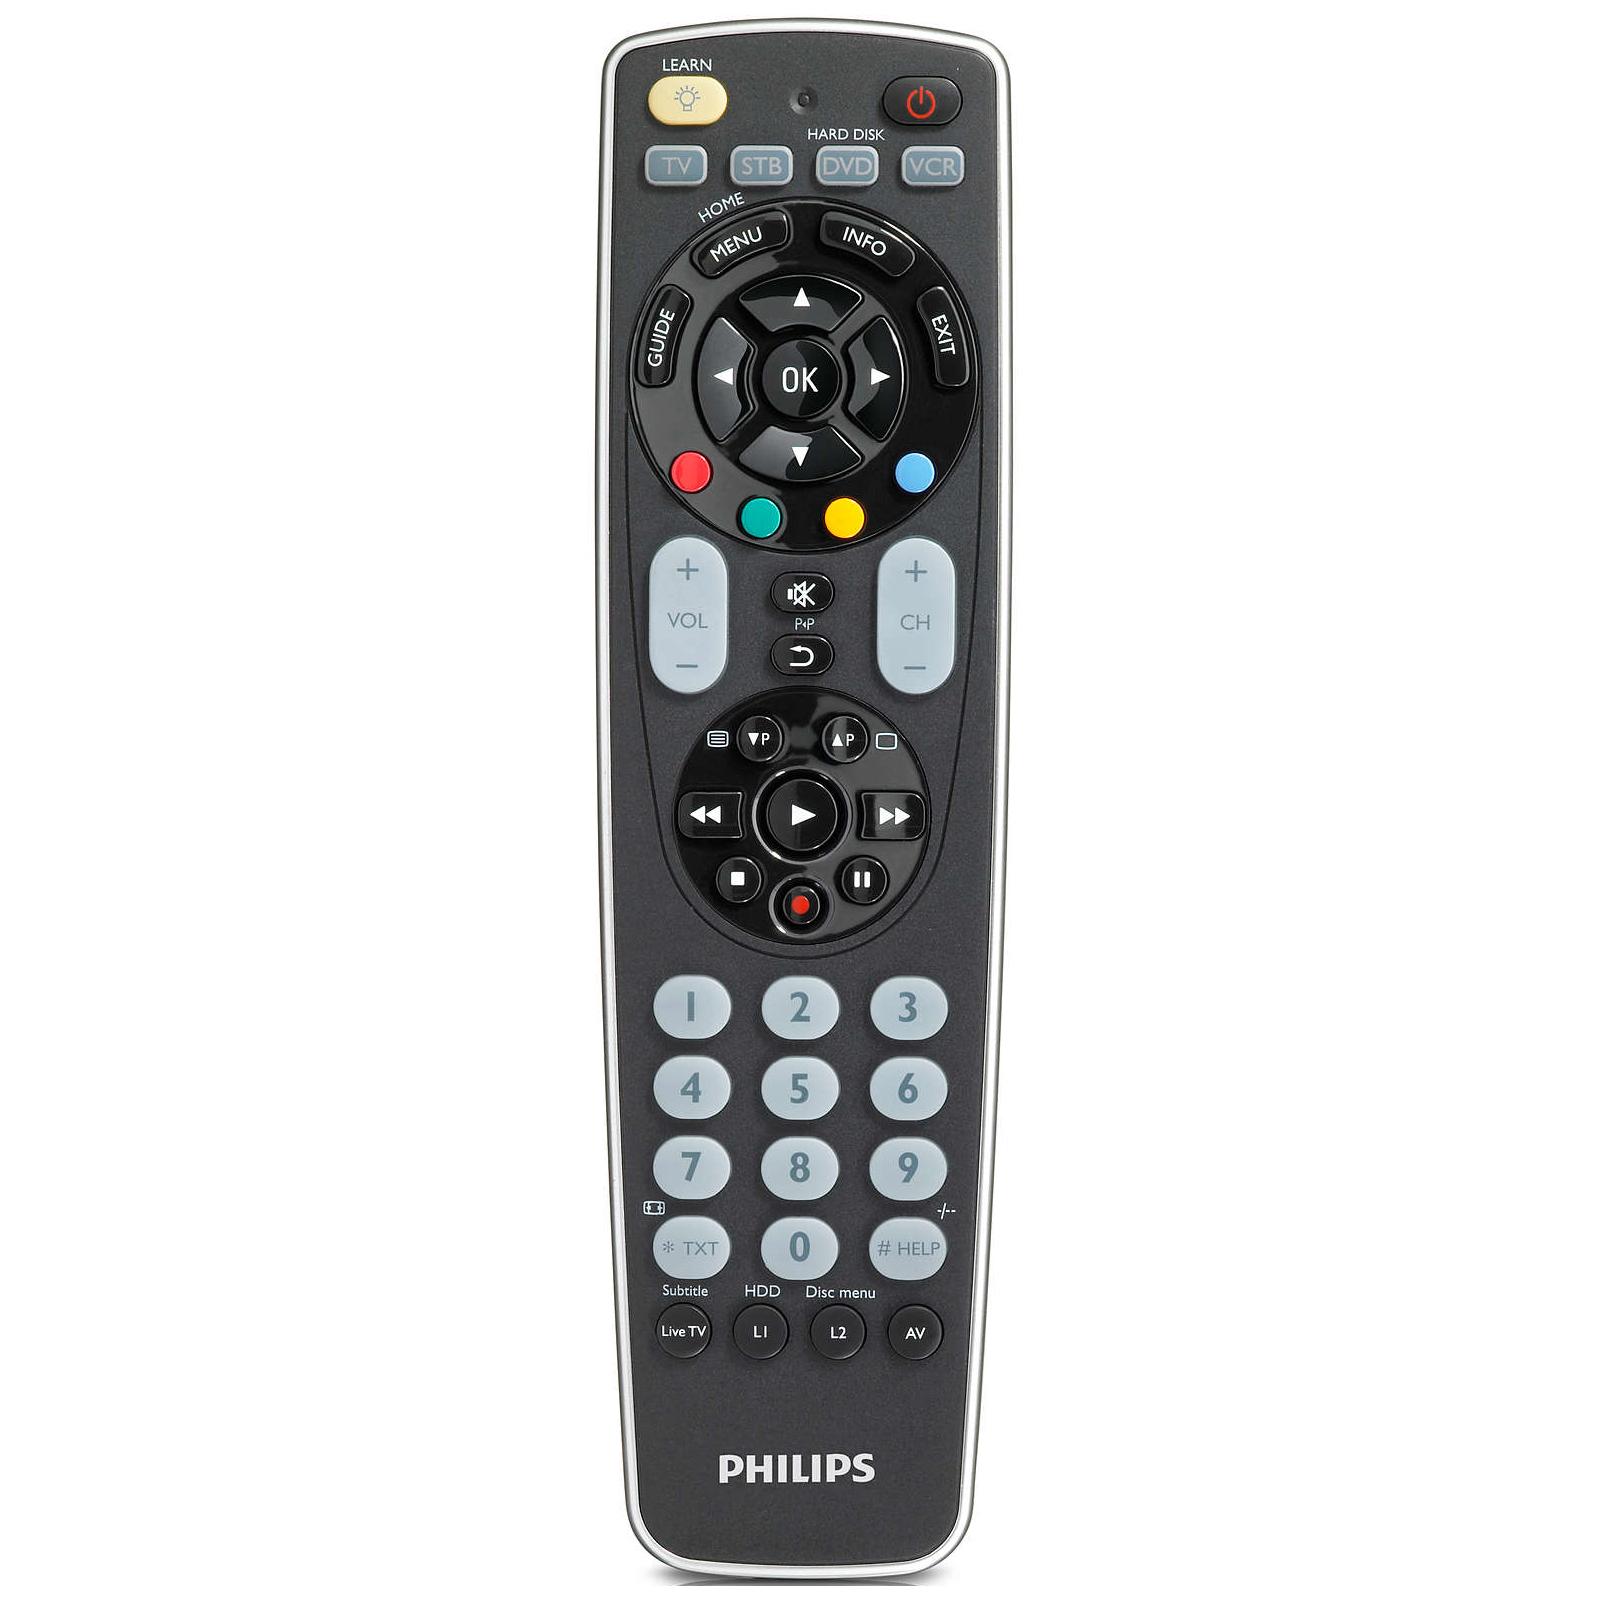 Пульт ДУ для телевизора PHILIPS SRP5004 (SRP5004/53)